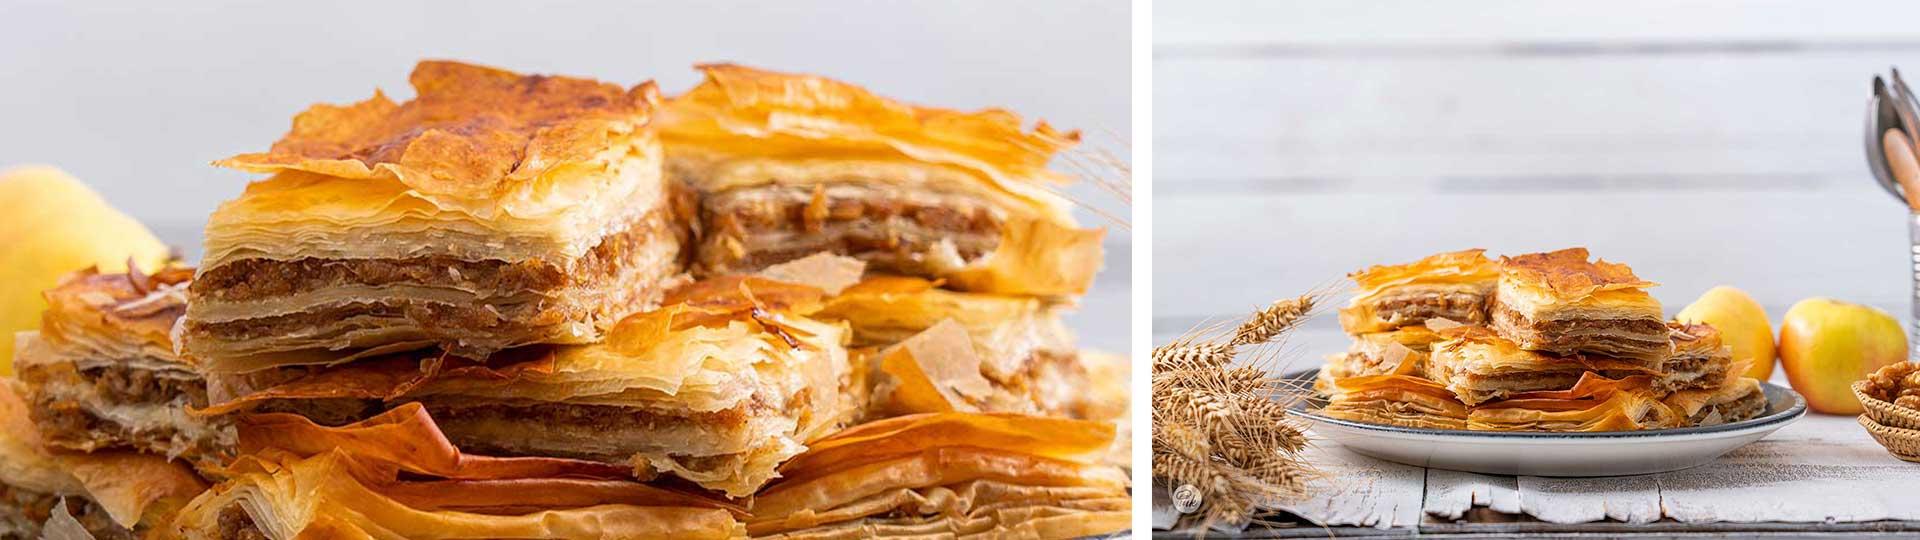 Десерти с вкус на есен: колаж от две снимки на сладка баница със сезонни плодове